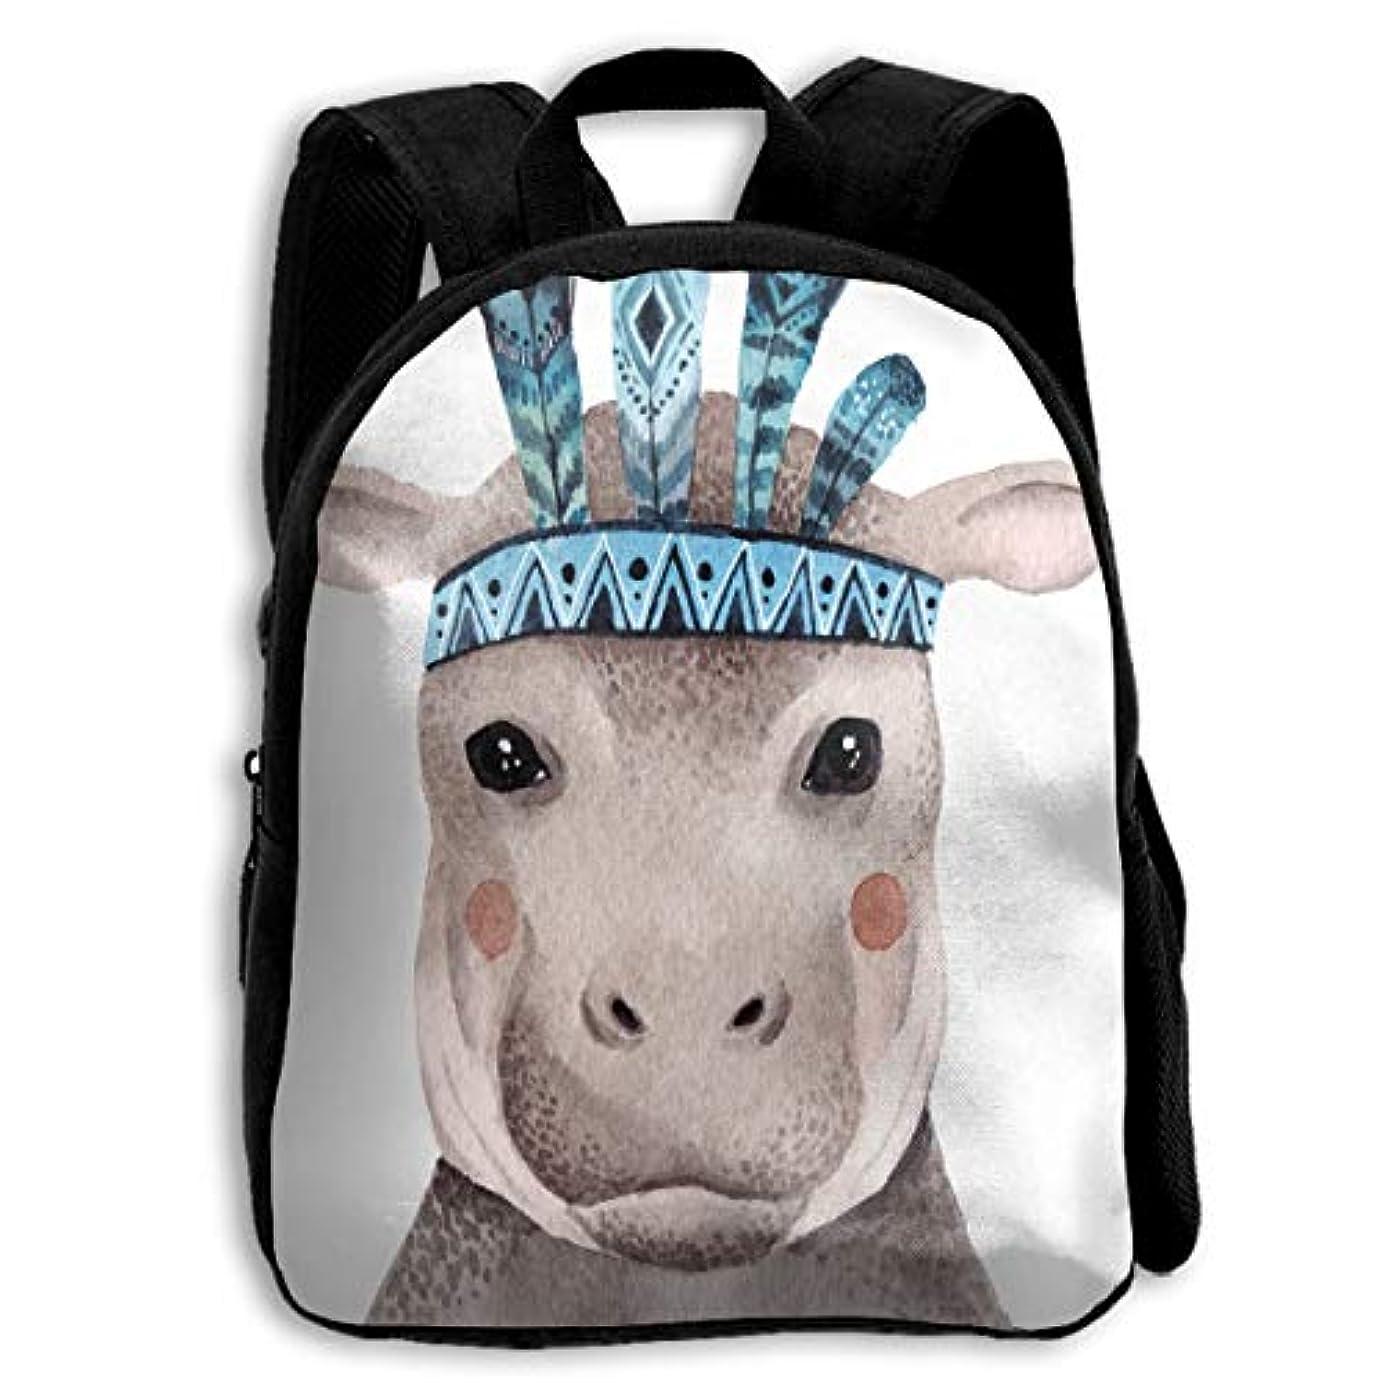 君主に向かって水没キッズ リュックサック バックパック キッズバッグ 子供用のバッグ キッズリュック 学生 水彩 かわいい カバ 動物 肖像画 アウトドア 通学 ハイキング 遠足